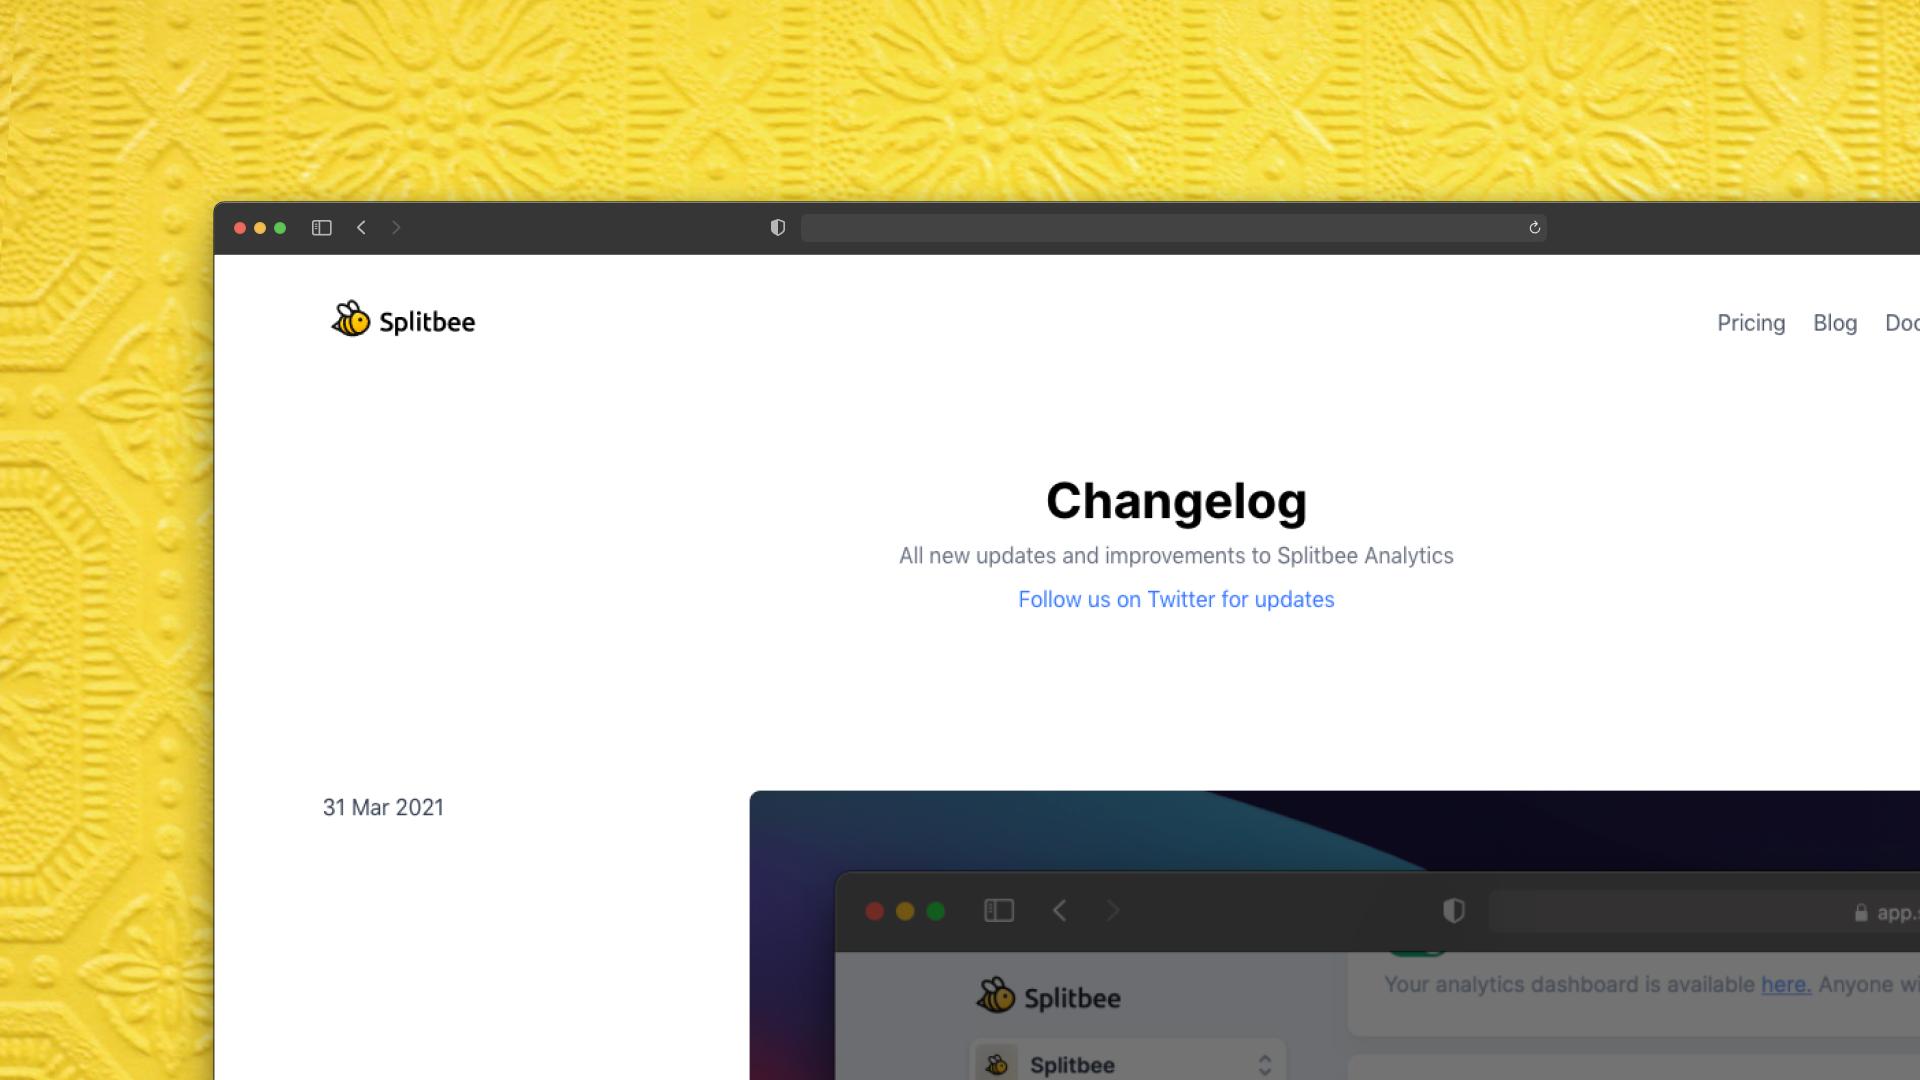 Splitbee Changelog Screenshot